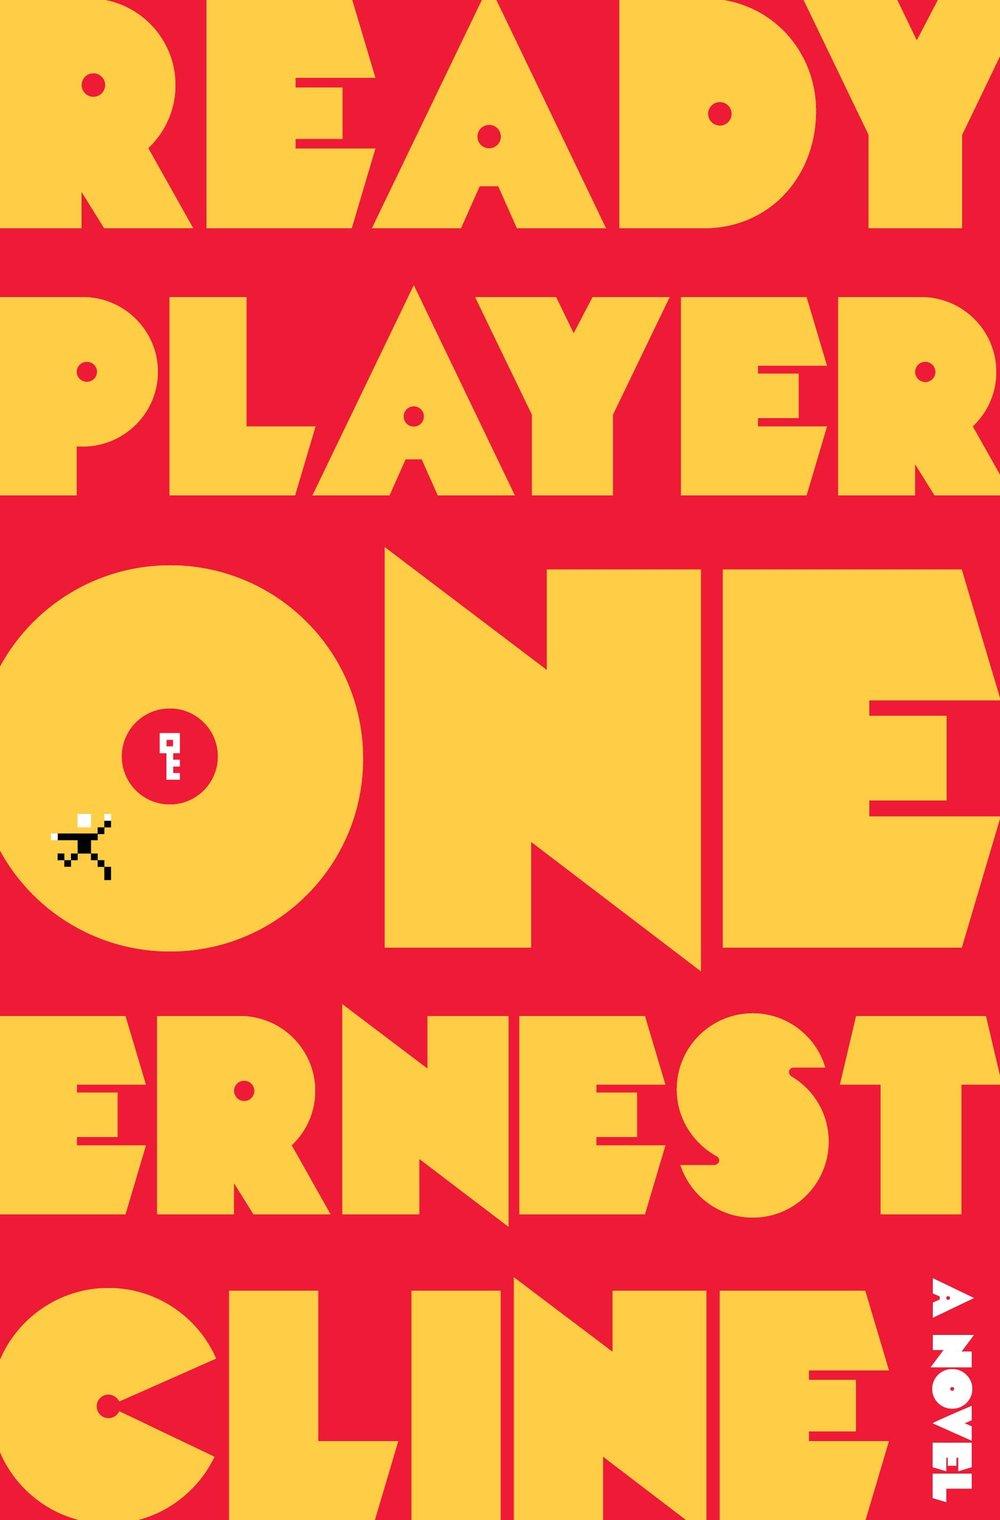 PlayerOne.jpg